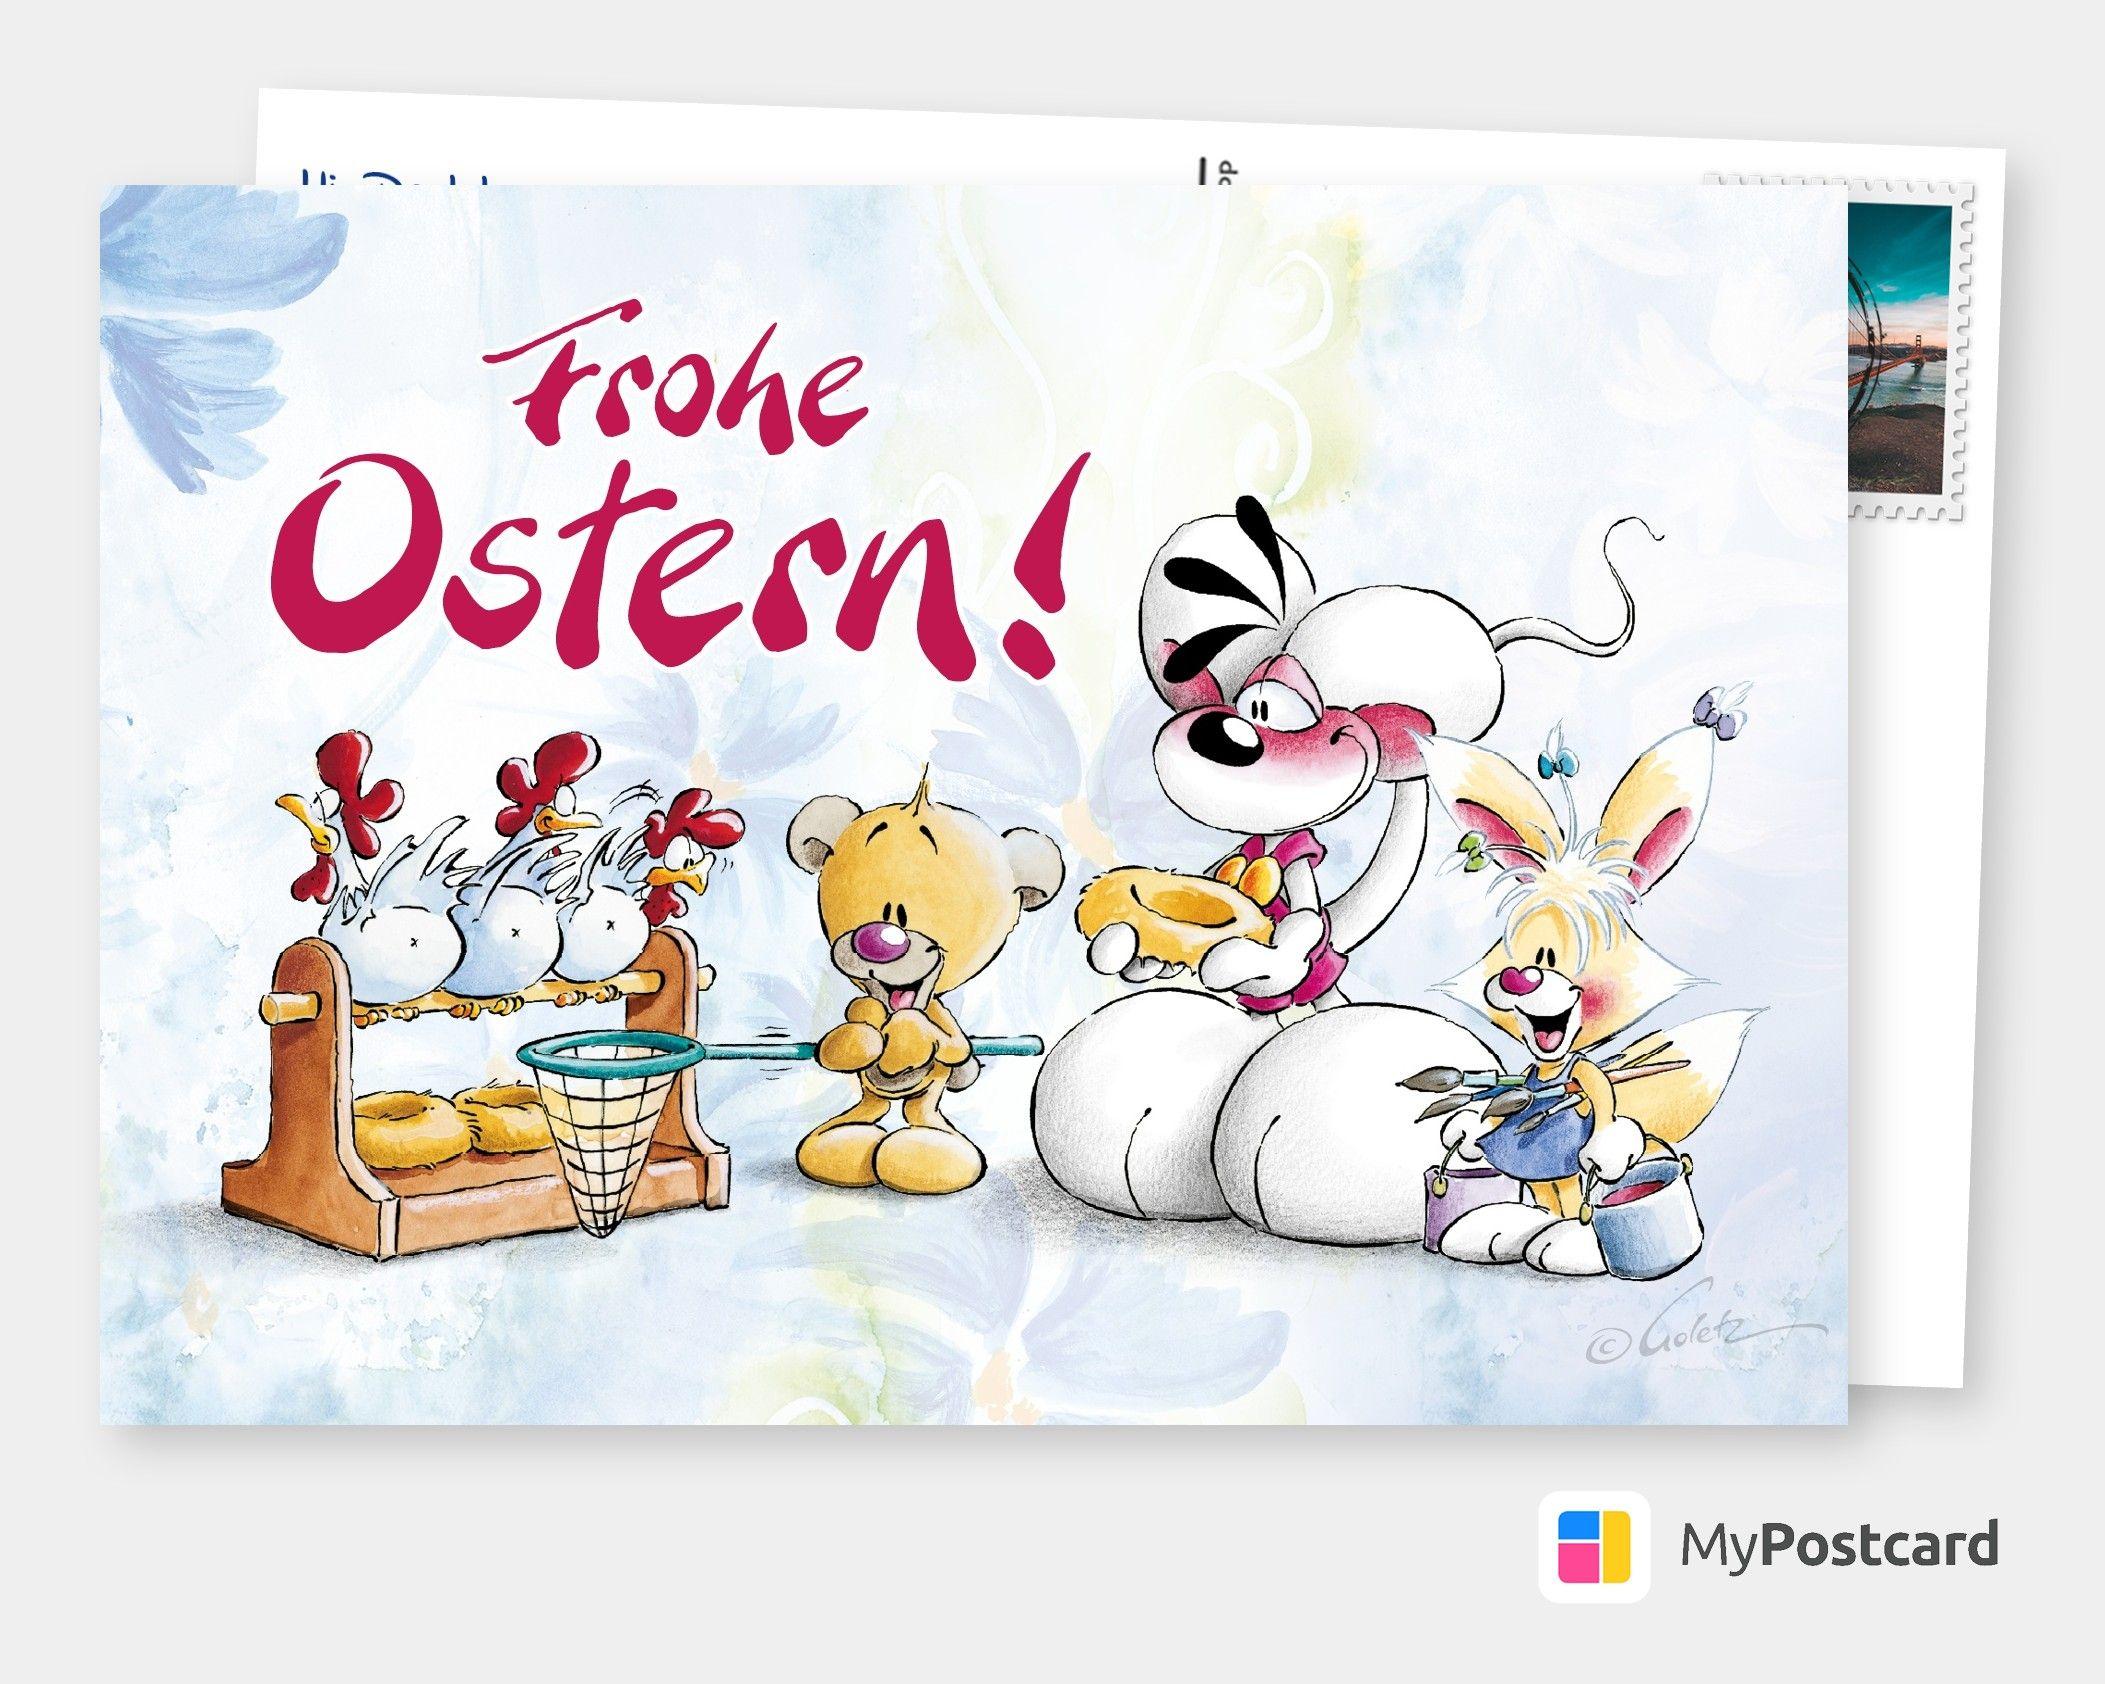 Frohe Ostern Comic Cartoons Echte Postkarten Online